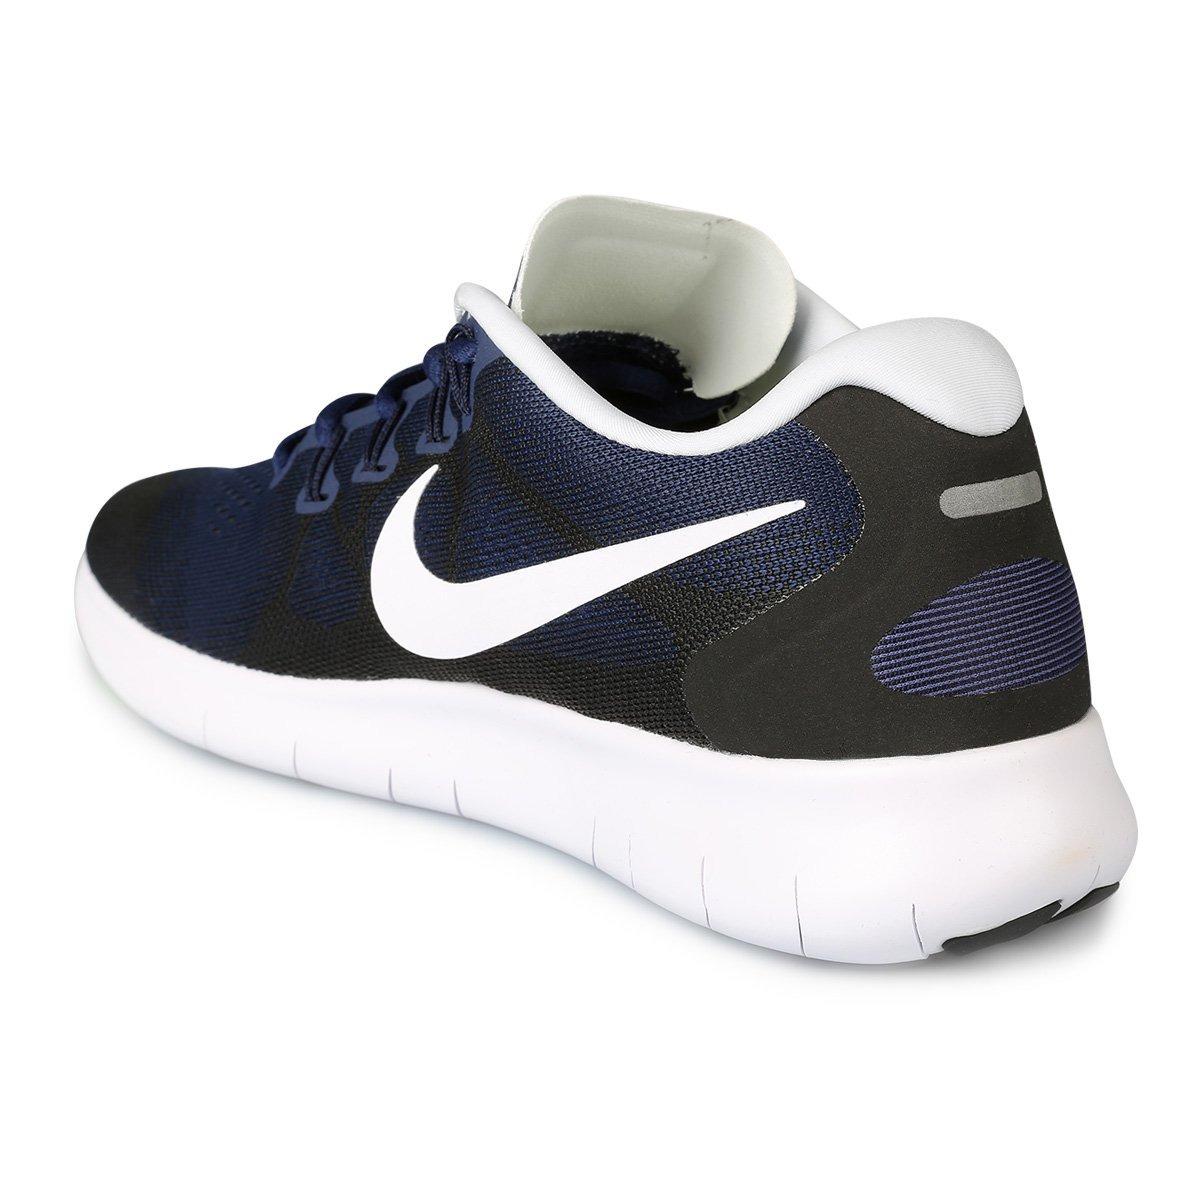 86ae5174cfcd8 zapatillas nike free rn 2 - azul y blanco. Cargando zoom.